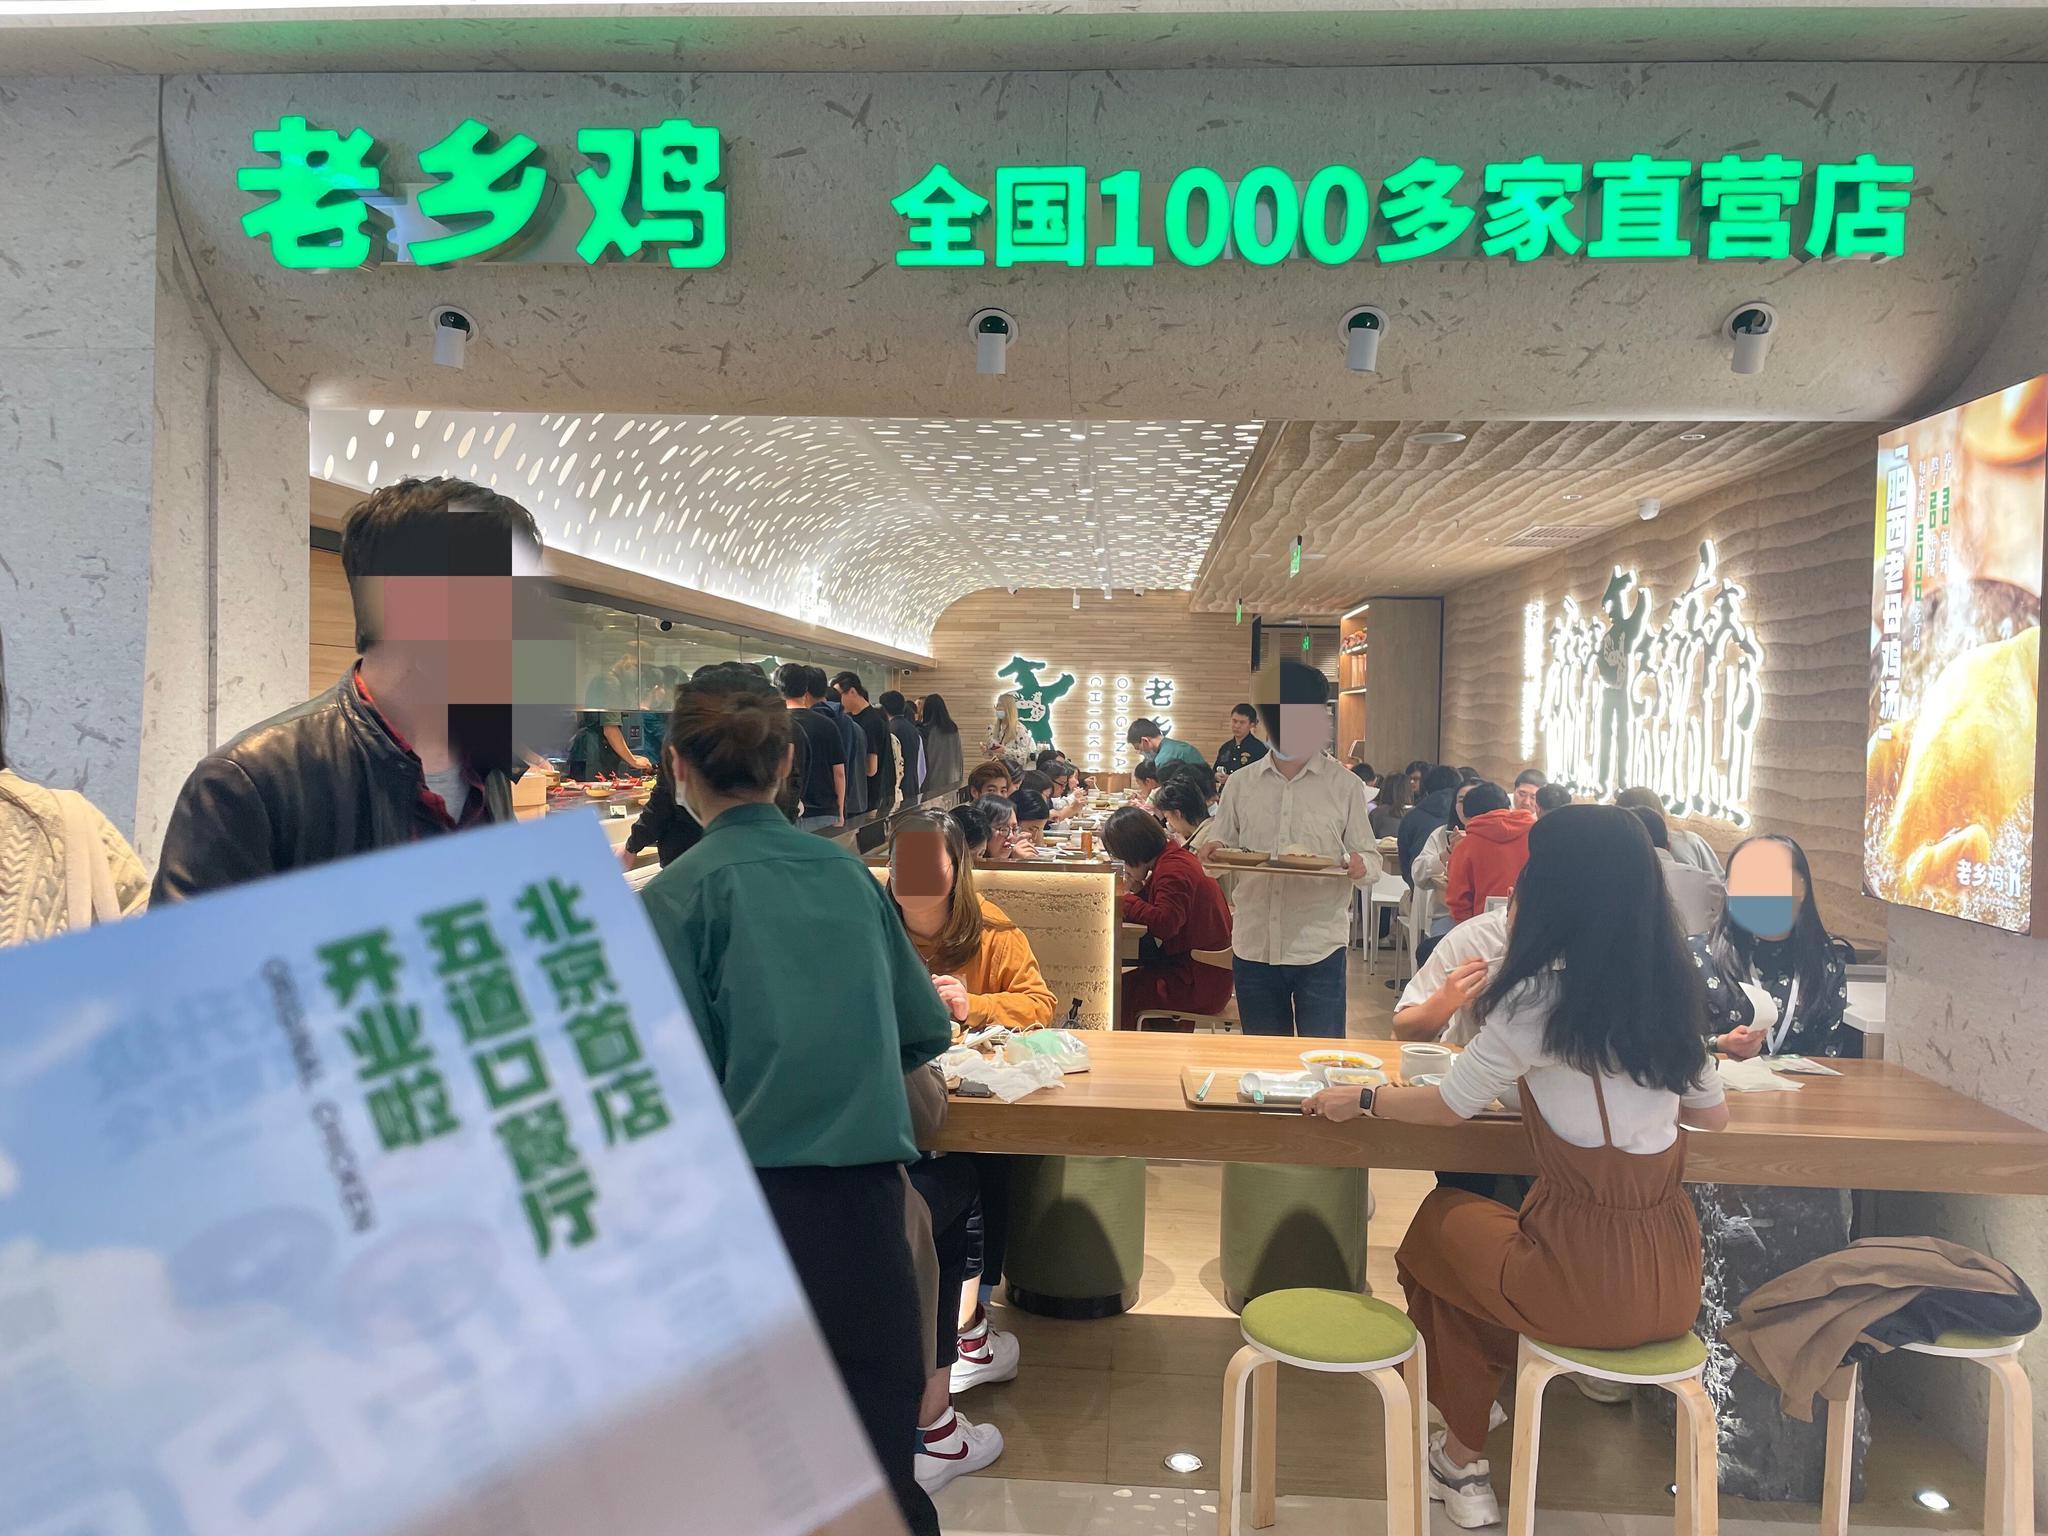 老乡鸡北京首店试营业 认知度不高能否顺利拿下一线城市?